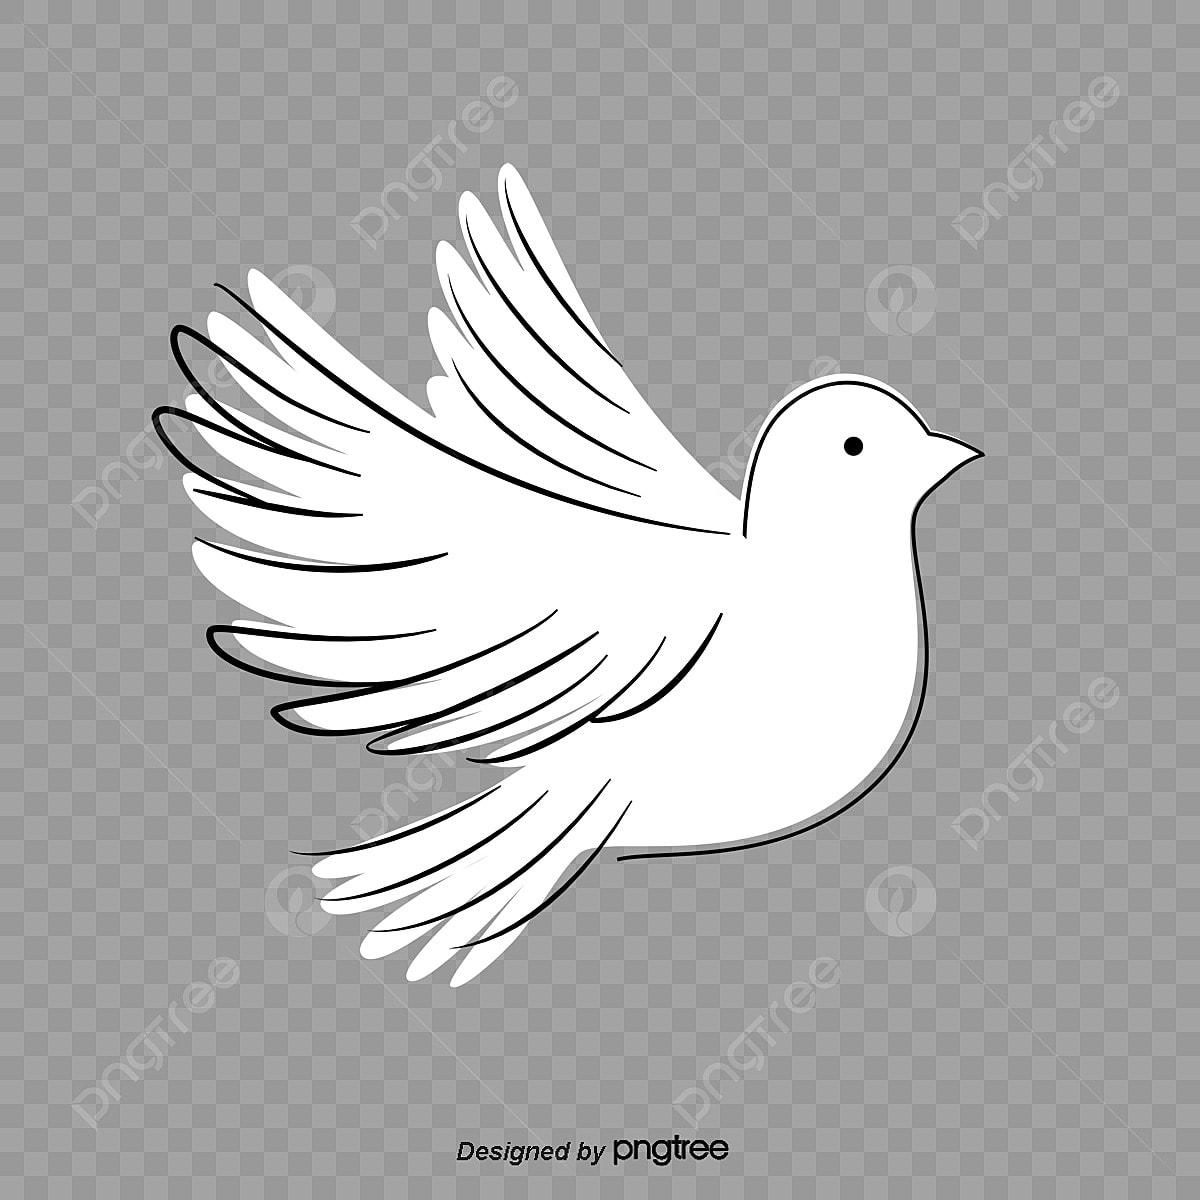 حمامة السلام ناقلات فرع الحمام الزاجل حمامة السلام البيضاء Png وملف Psd للتحميل مجانا